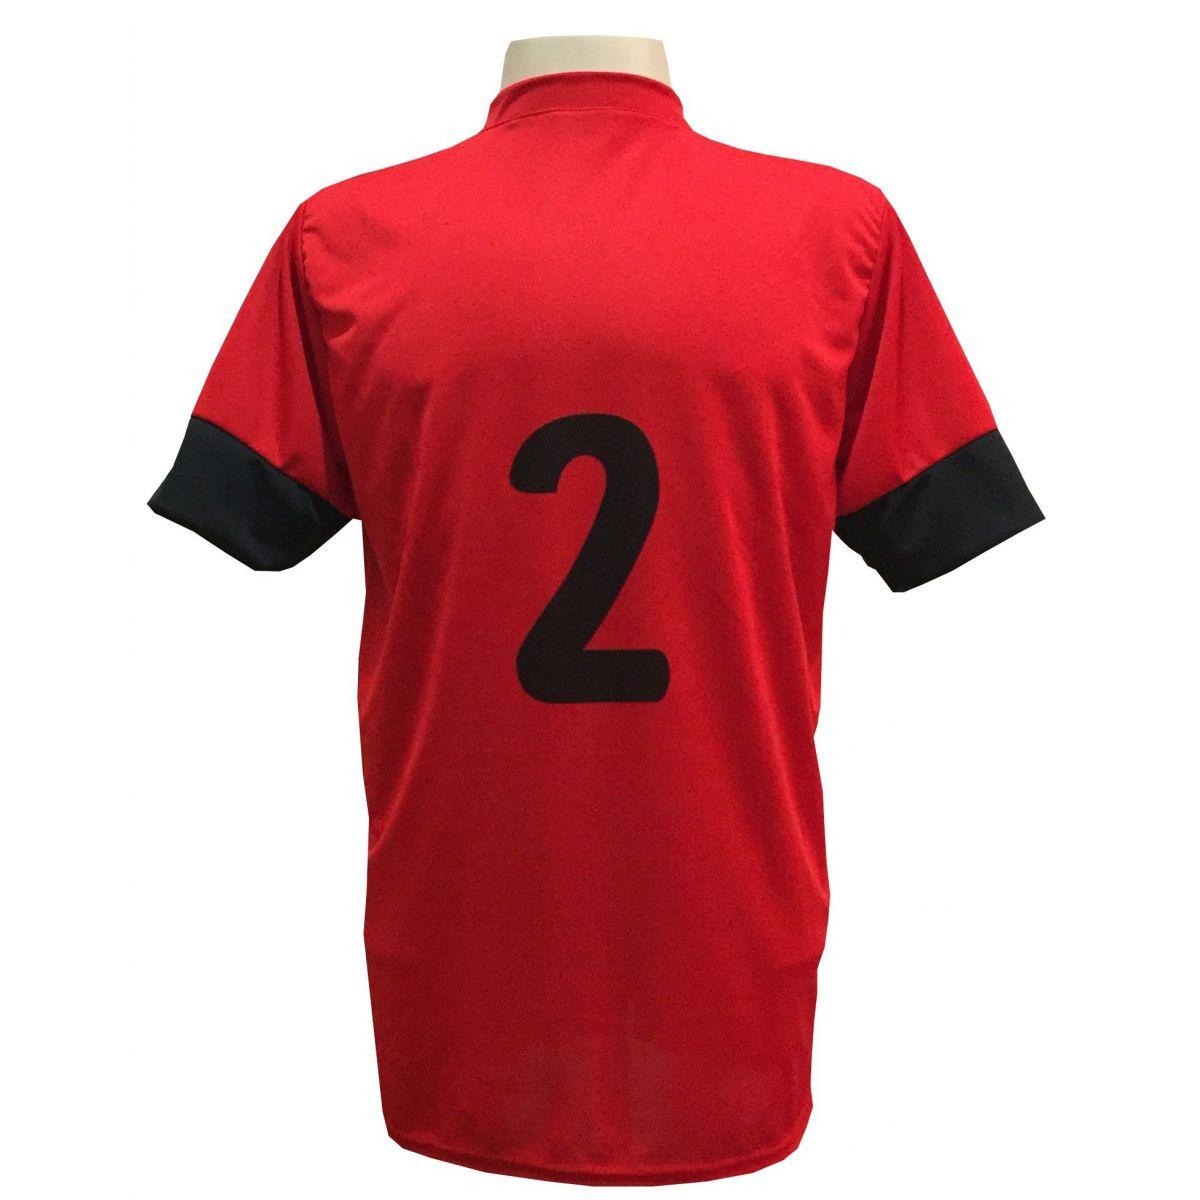 Uniforme Esportivo com 18 camisas modelo Columbus Vermelho/Preto + 18 calções modelo Madrid + 1 Goleiro + Brindes